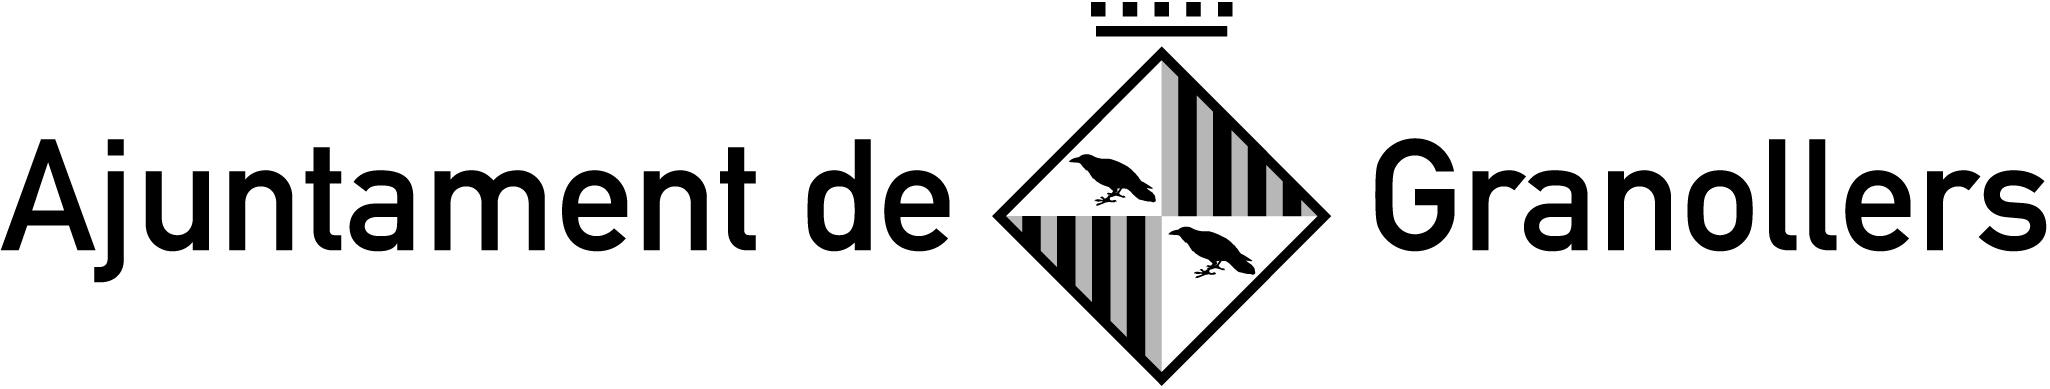 Logotip Ajuntament de Granollers